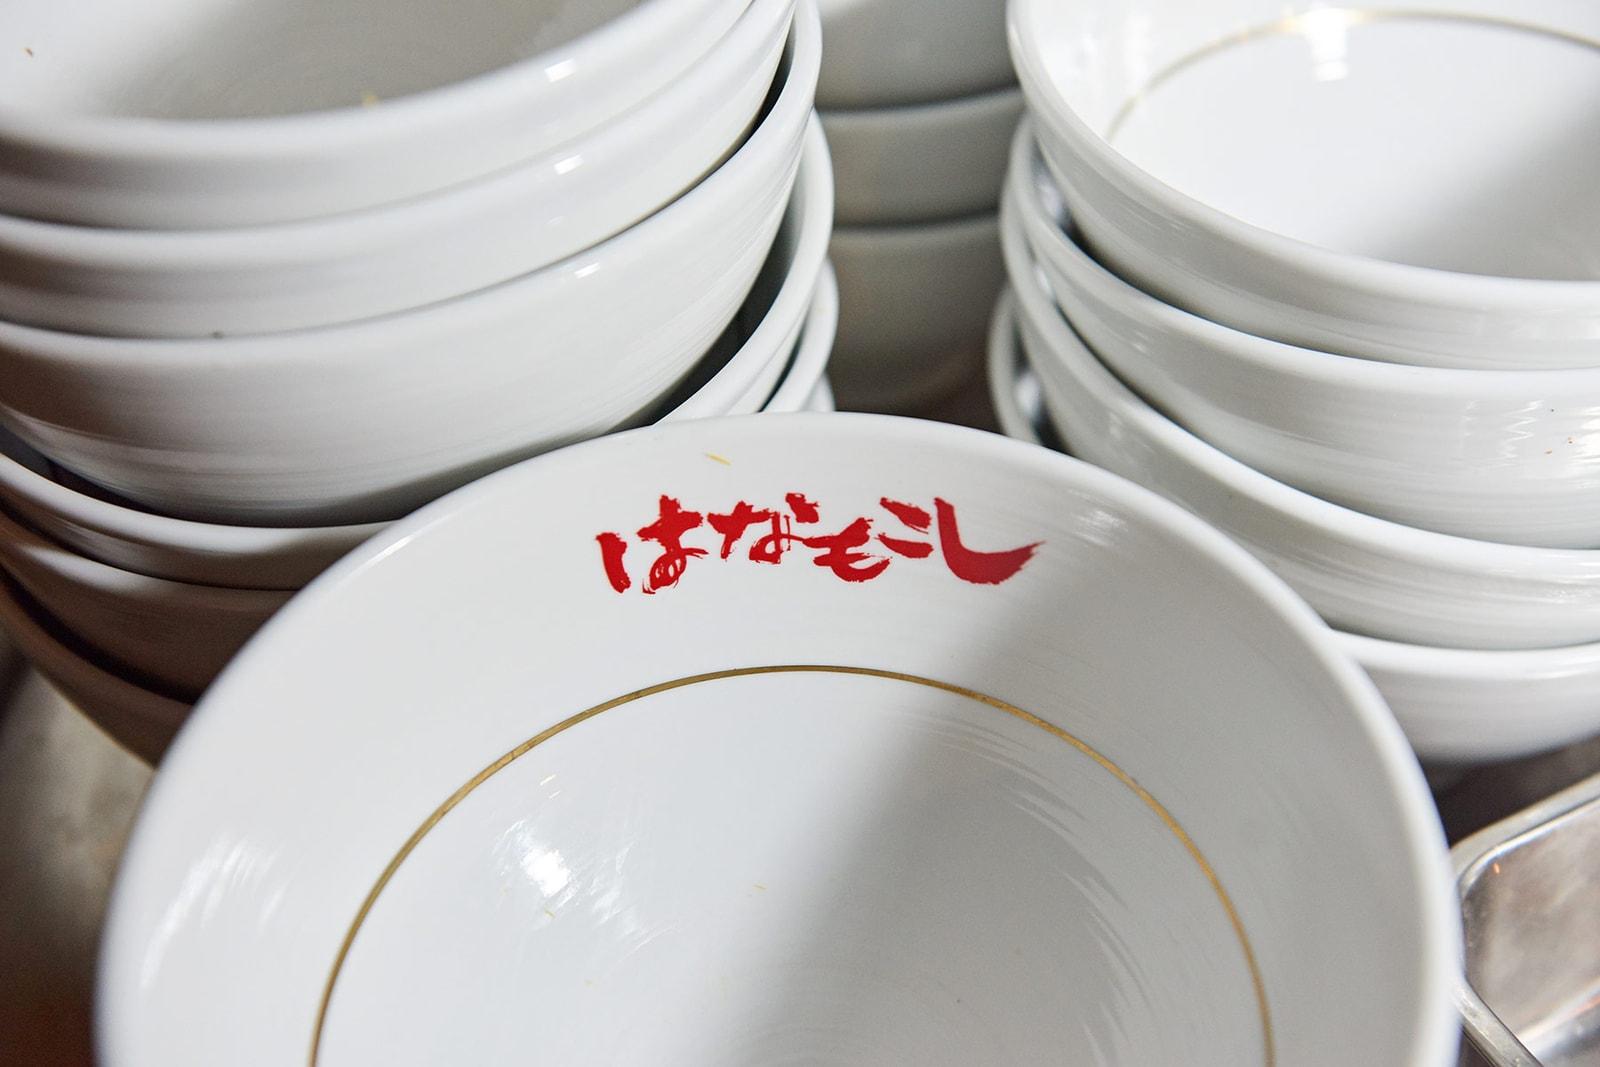 최자로드 시즌 2 Ep.2 토리소바 라멘 일본라면 하나모코시